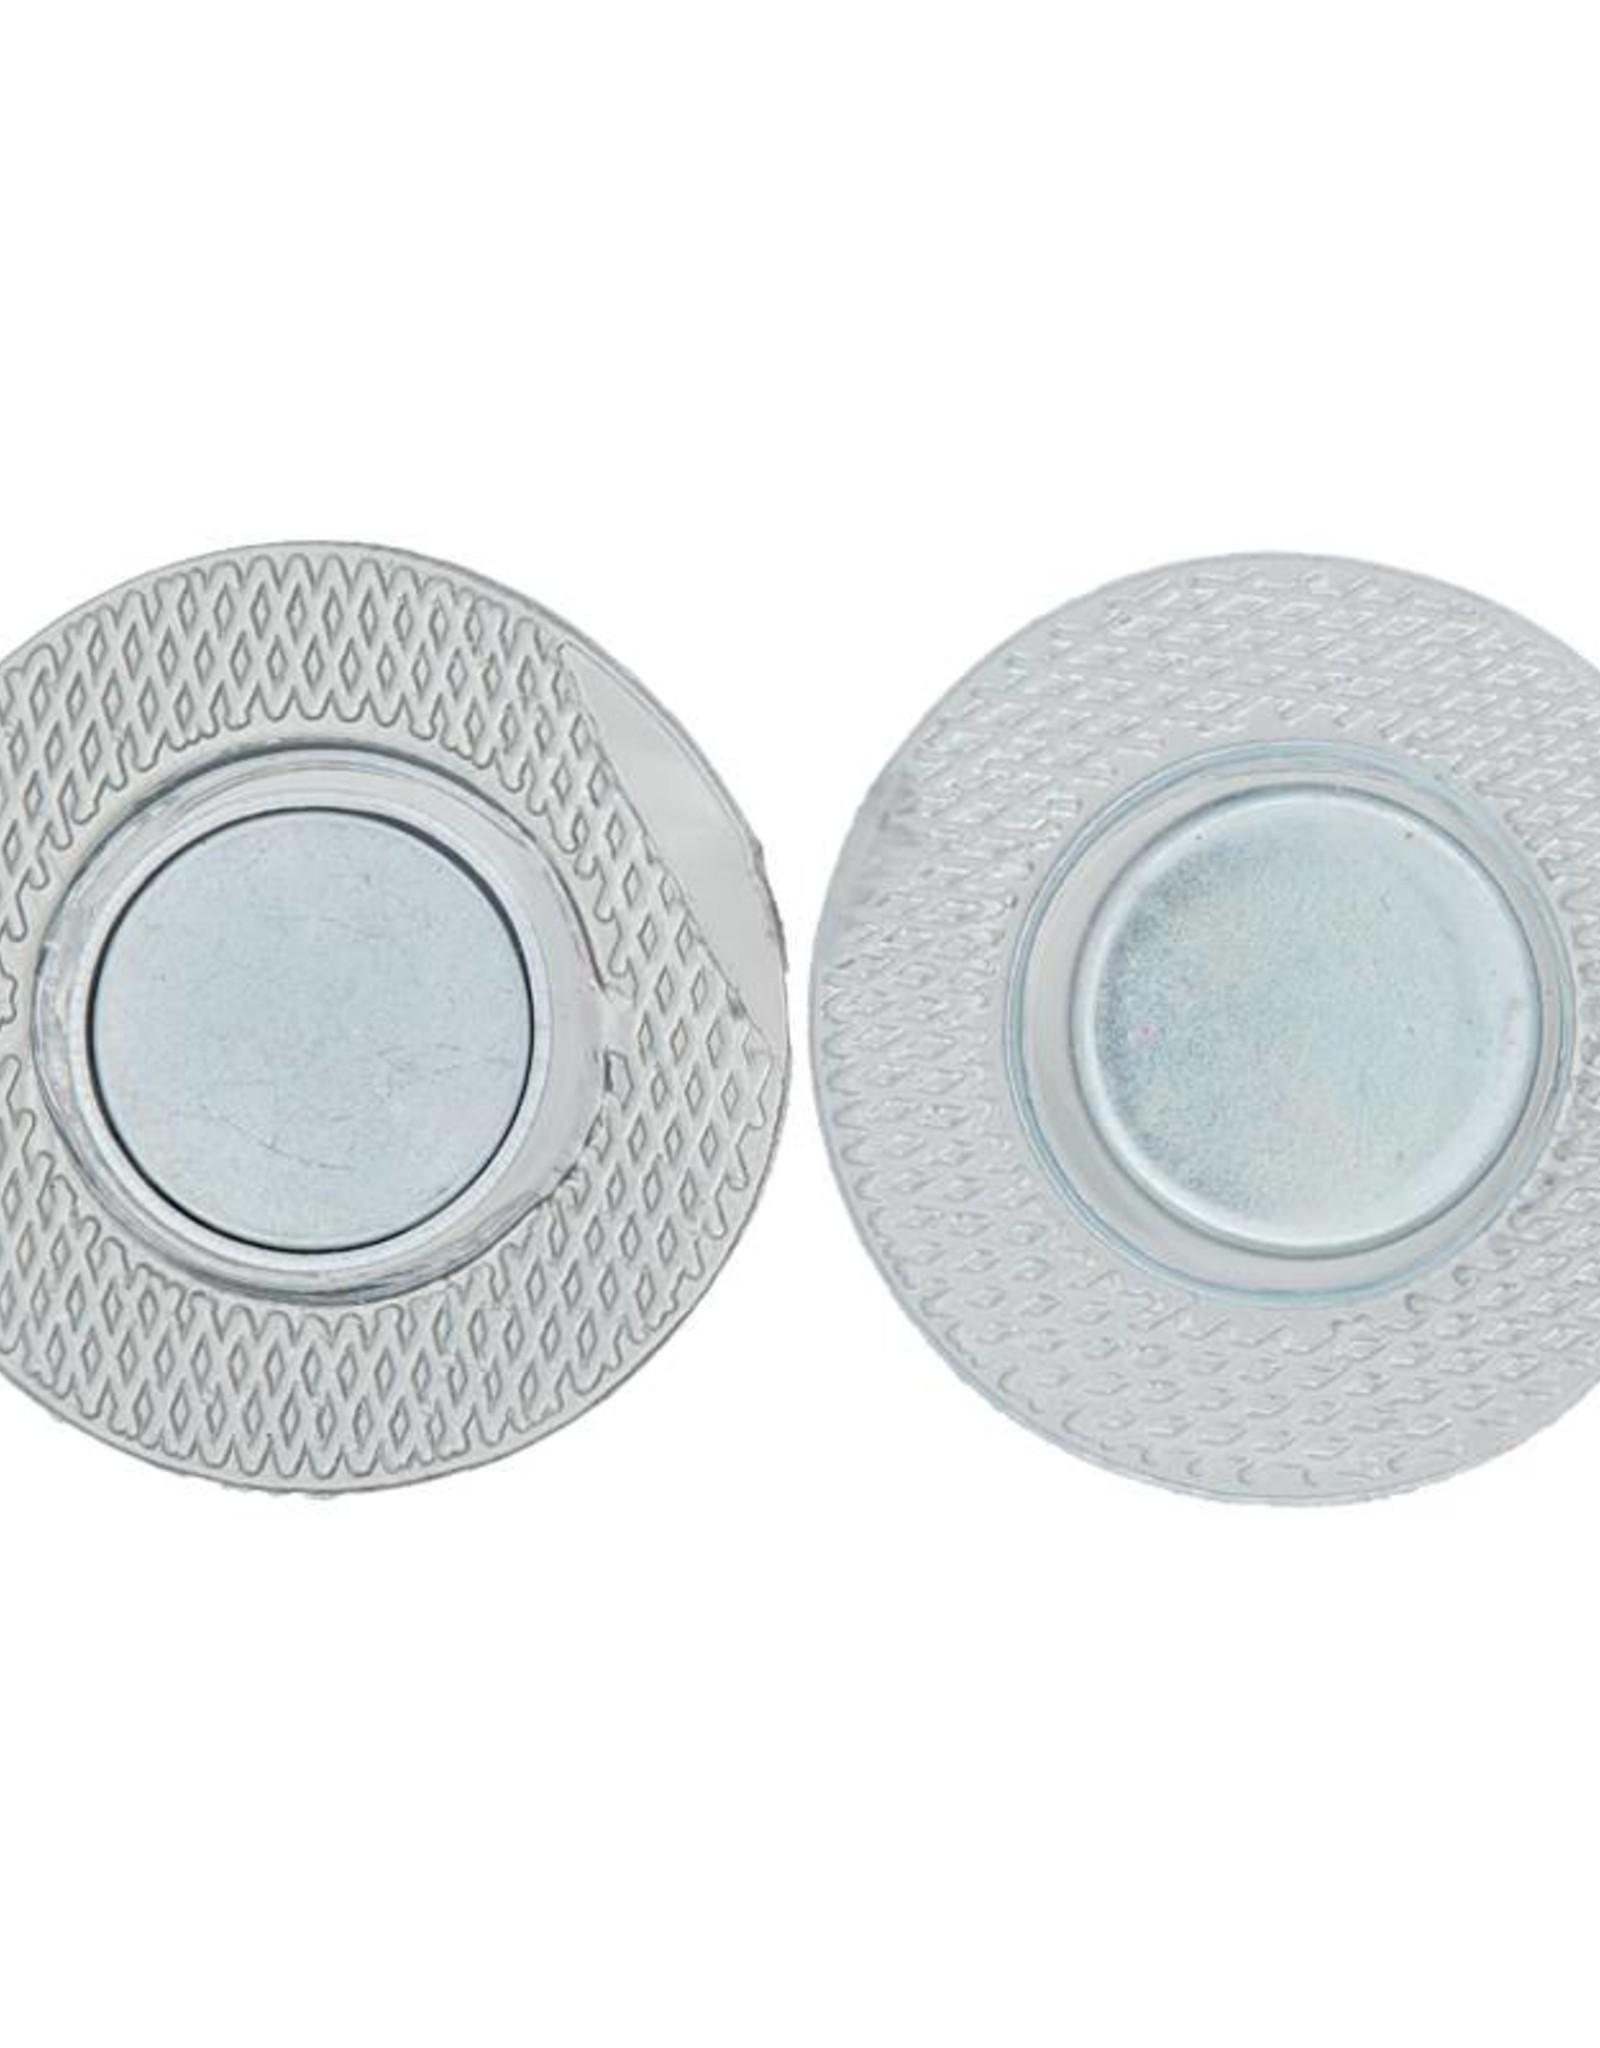 Union Knopf Magnet zum unsichtbaren Einnähen